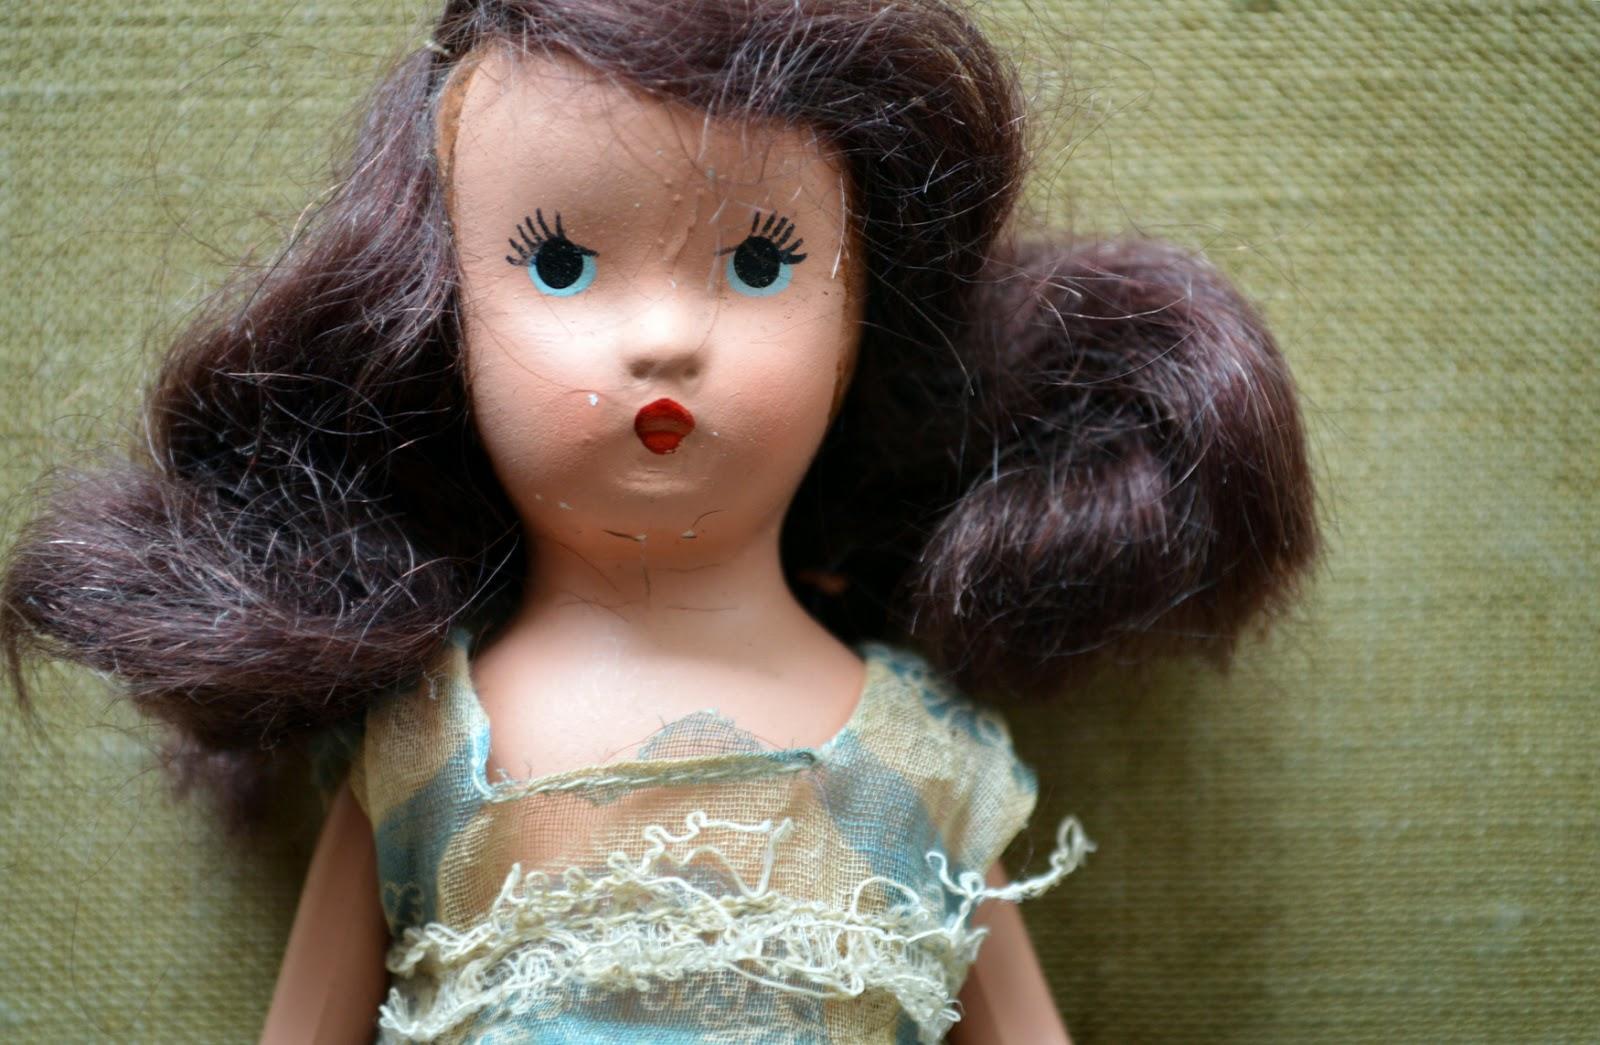 untold imprint Kerr & Hinz doll